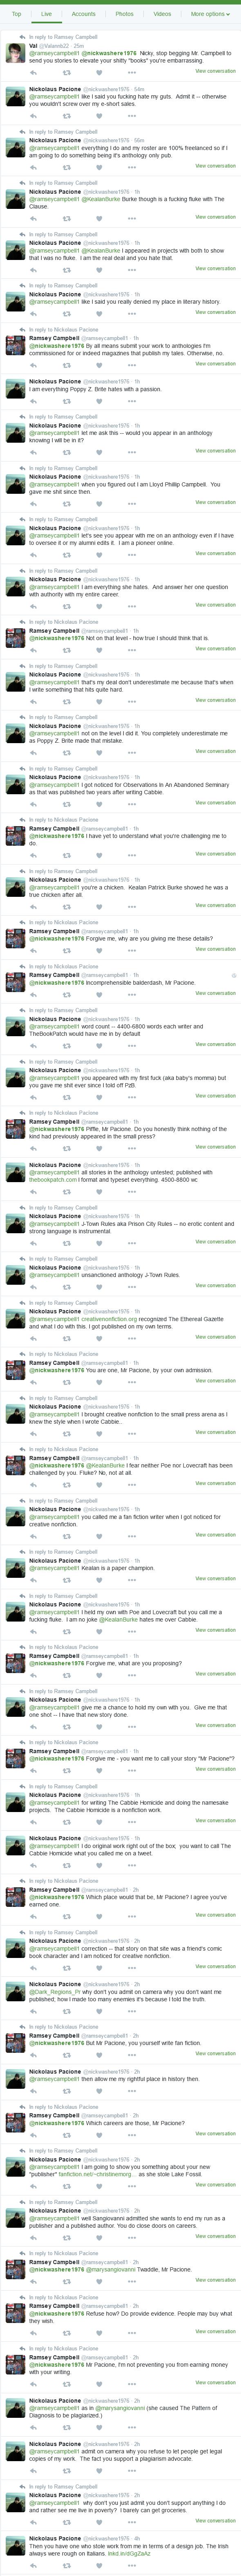 Twitter War 2016-03-16